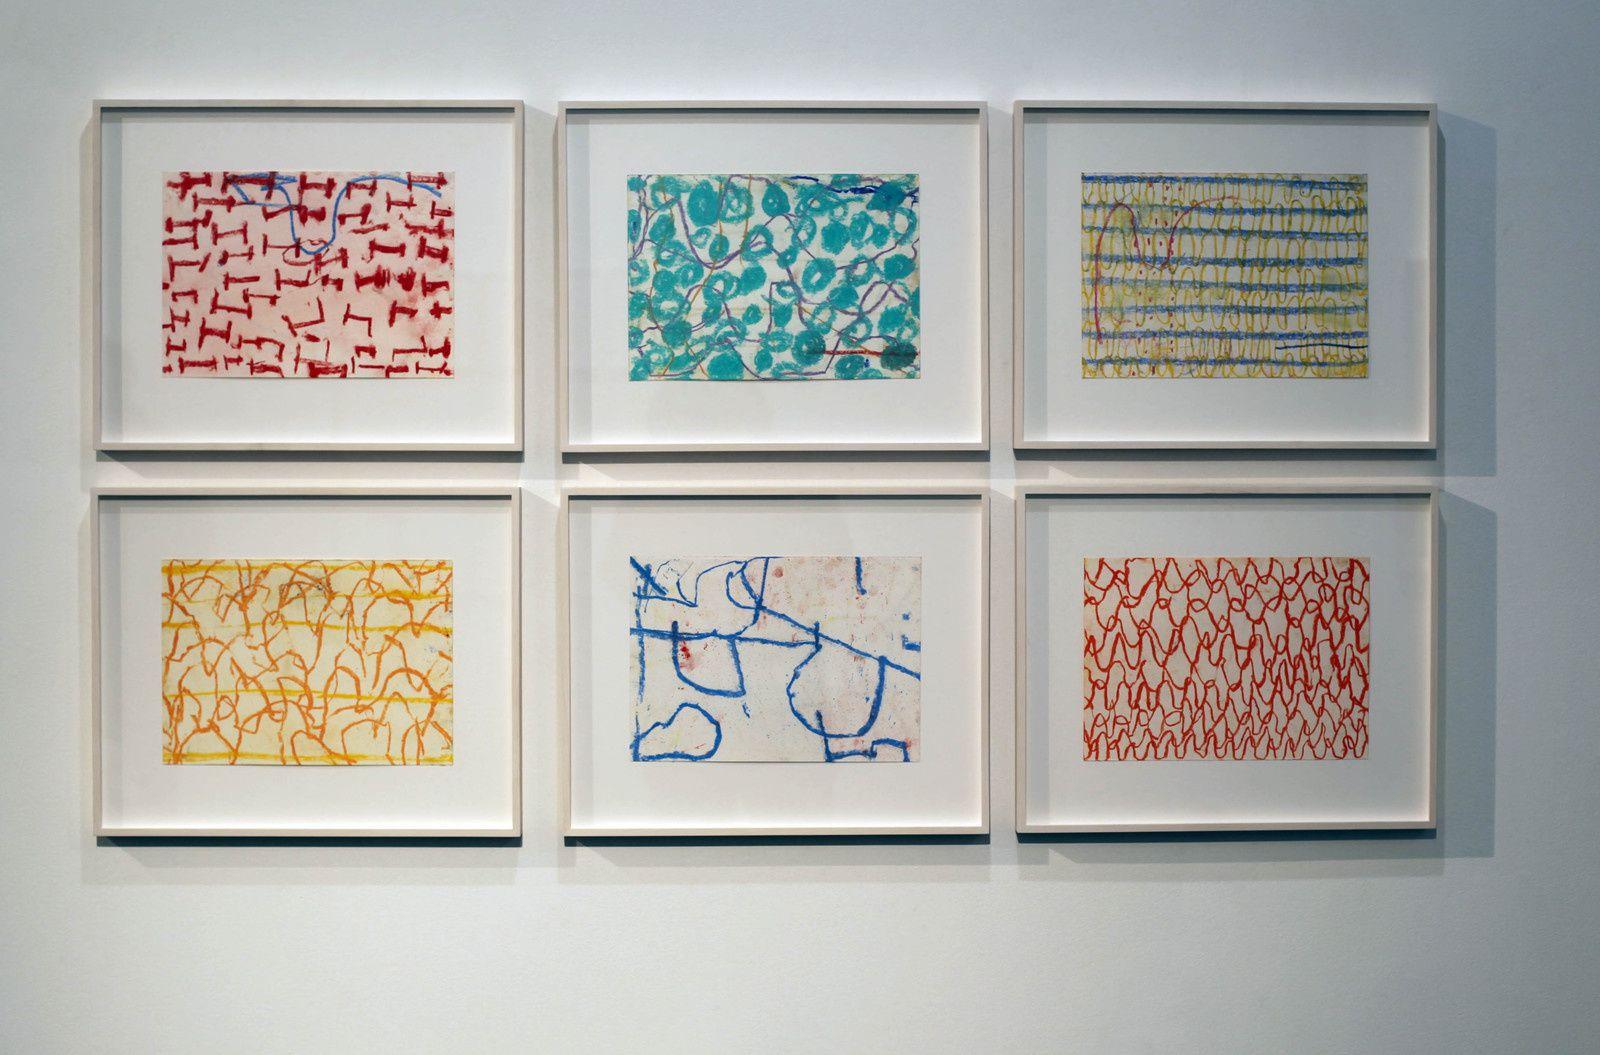 """""""Sans titre"""", 1996 de Hanns SCHIMANSKY - Courtesy Galerie Jeanne Bucher Jaeger © Photo Éric Simon"""